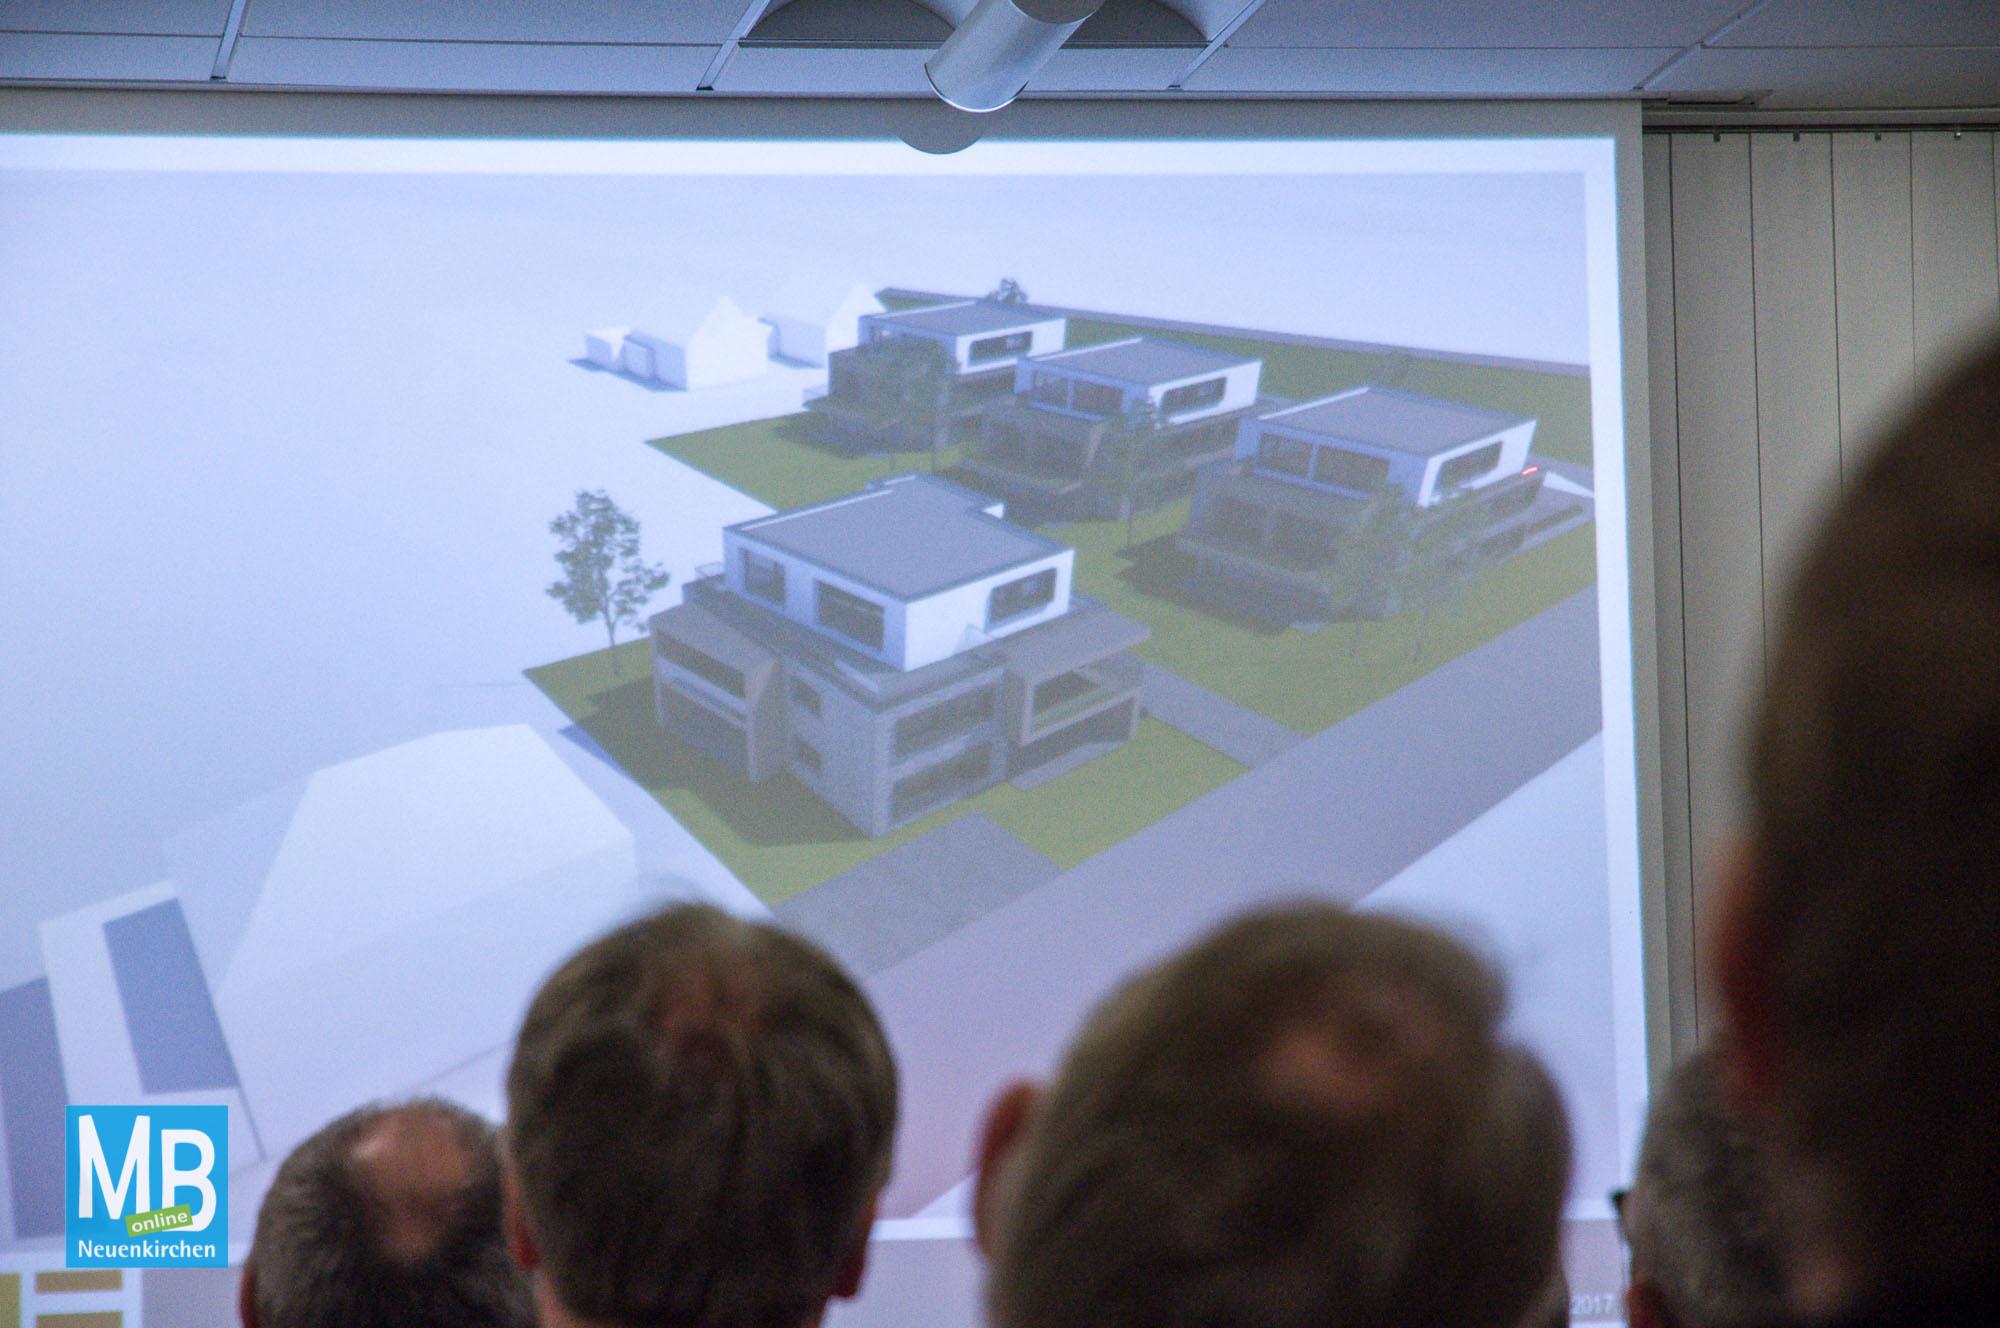 seekieker projekt in der diskussion mit den nachbarn mitteilungsblatt neuenkirchen. Black Bedroom Furniture Sets. Home Design Ideas